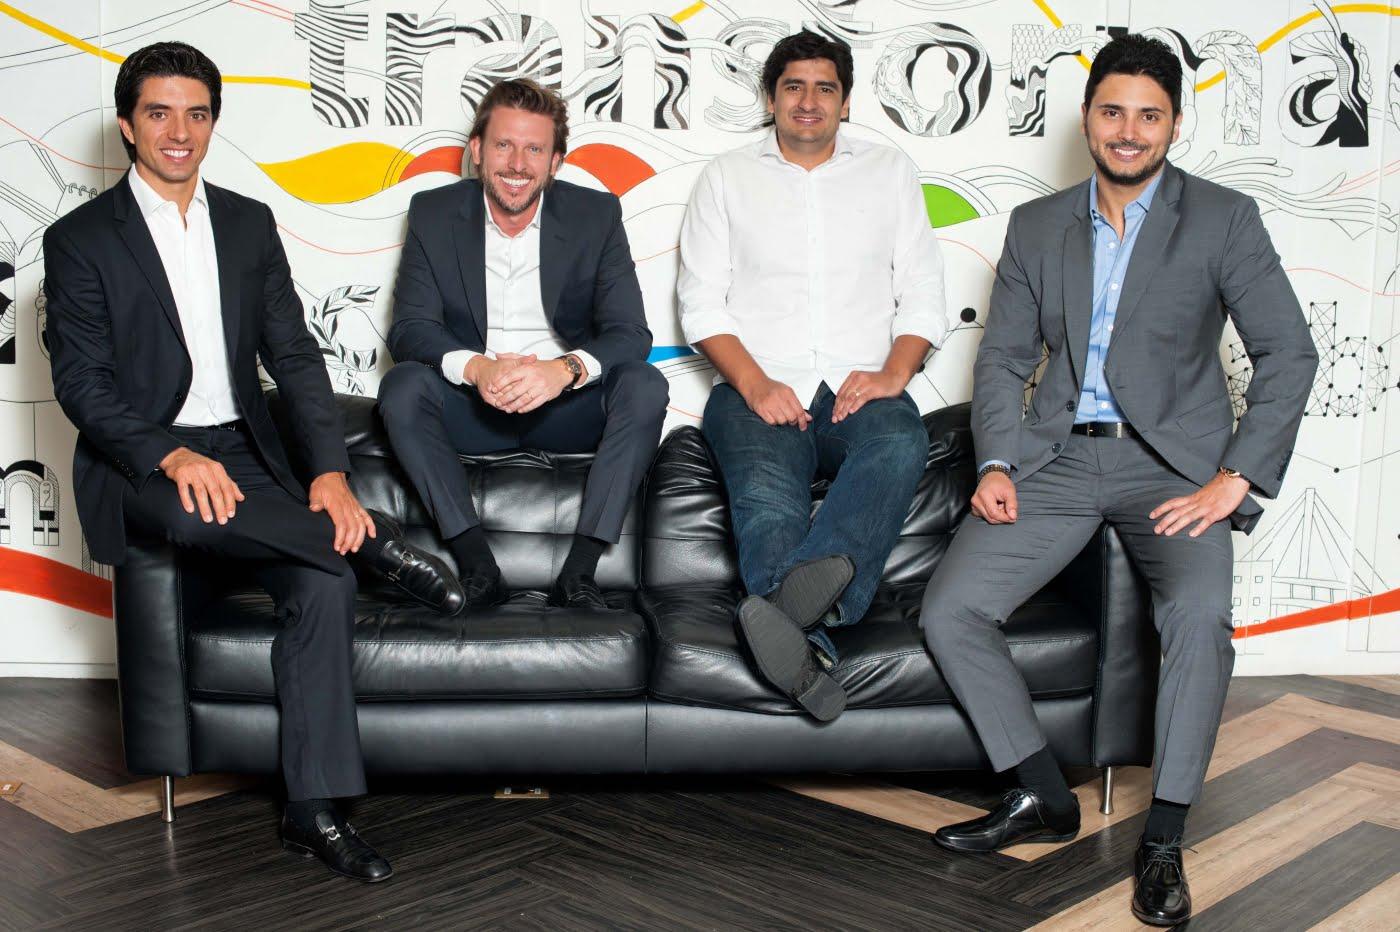 Os sócios da Zup na sede da startup, a partir da esq.: Felipe Almeida, Flavio Zago, Bruno Pierobon e Gustavo Debs.